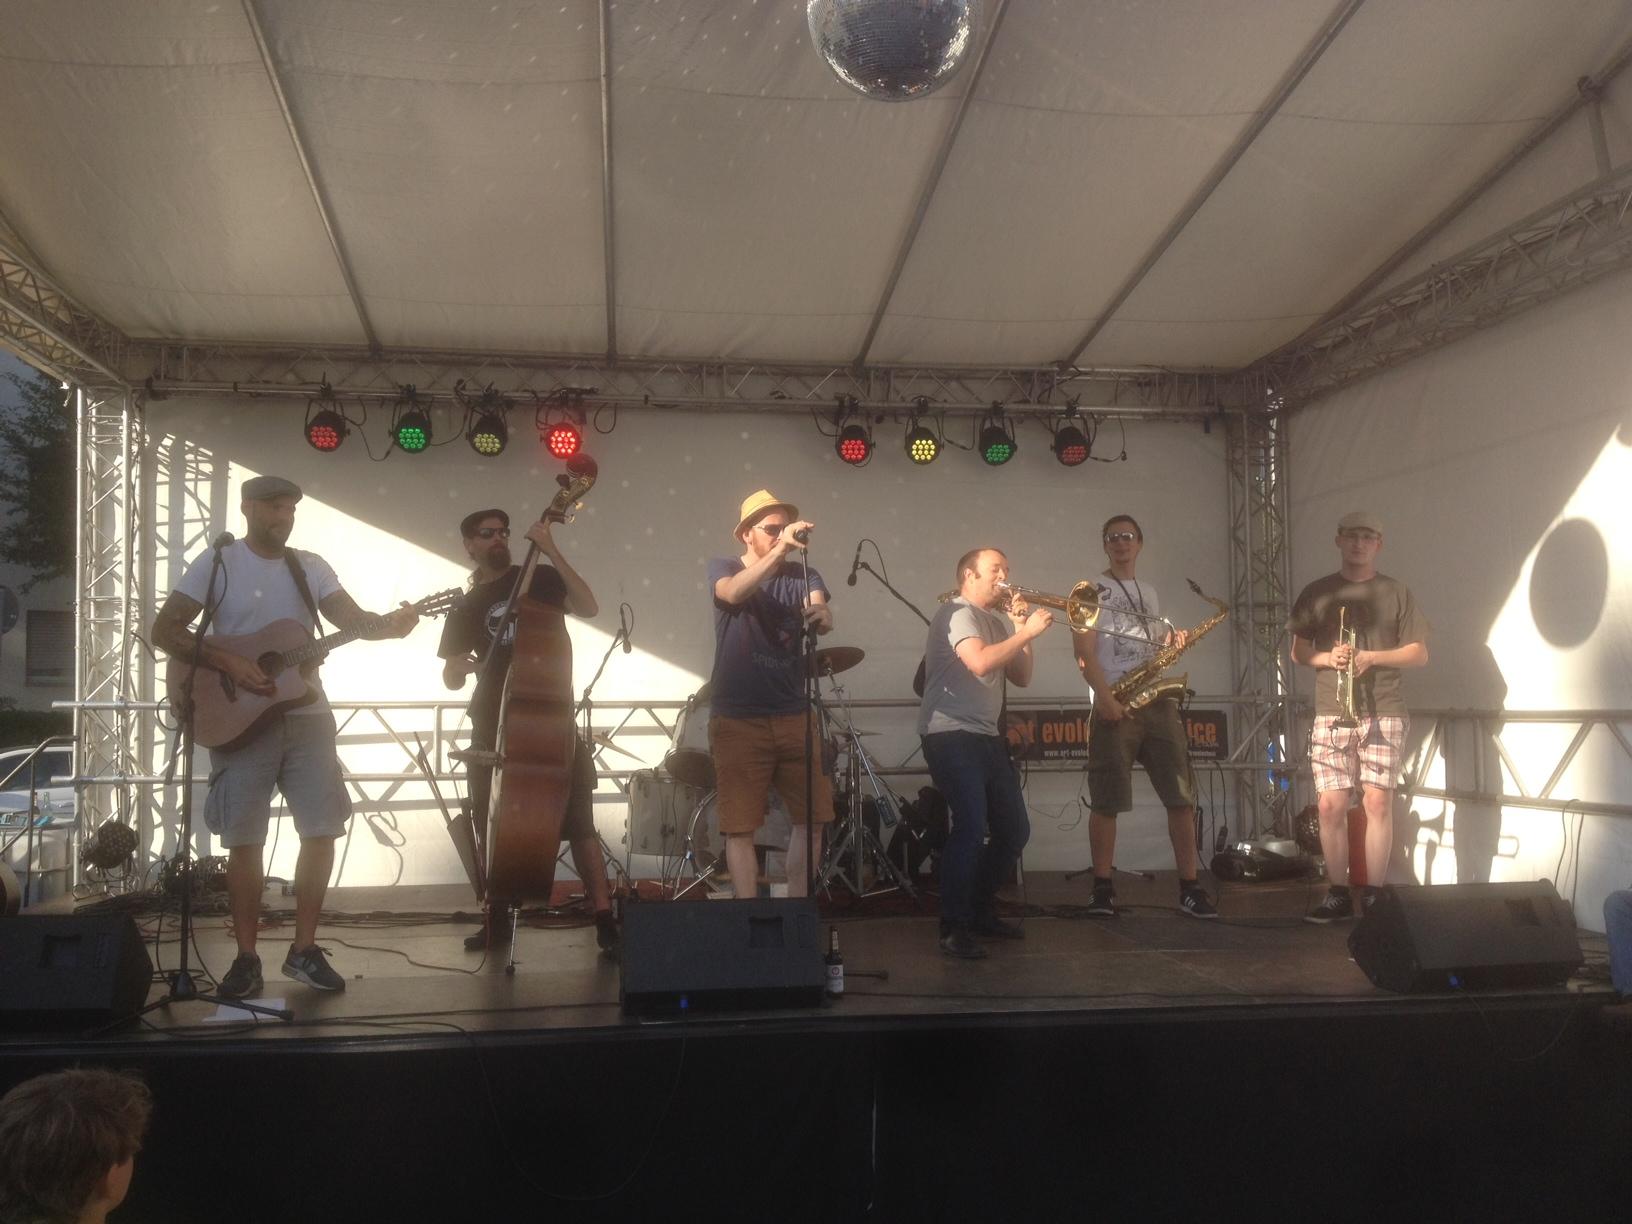 Fein uffgescheppert - Revolte Tanzbein live auf der Bühne des Koblenzer Strassenfests